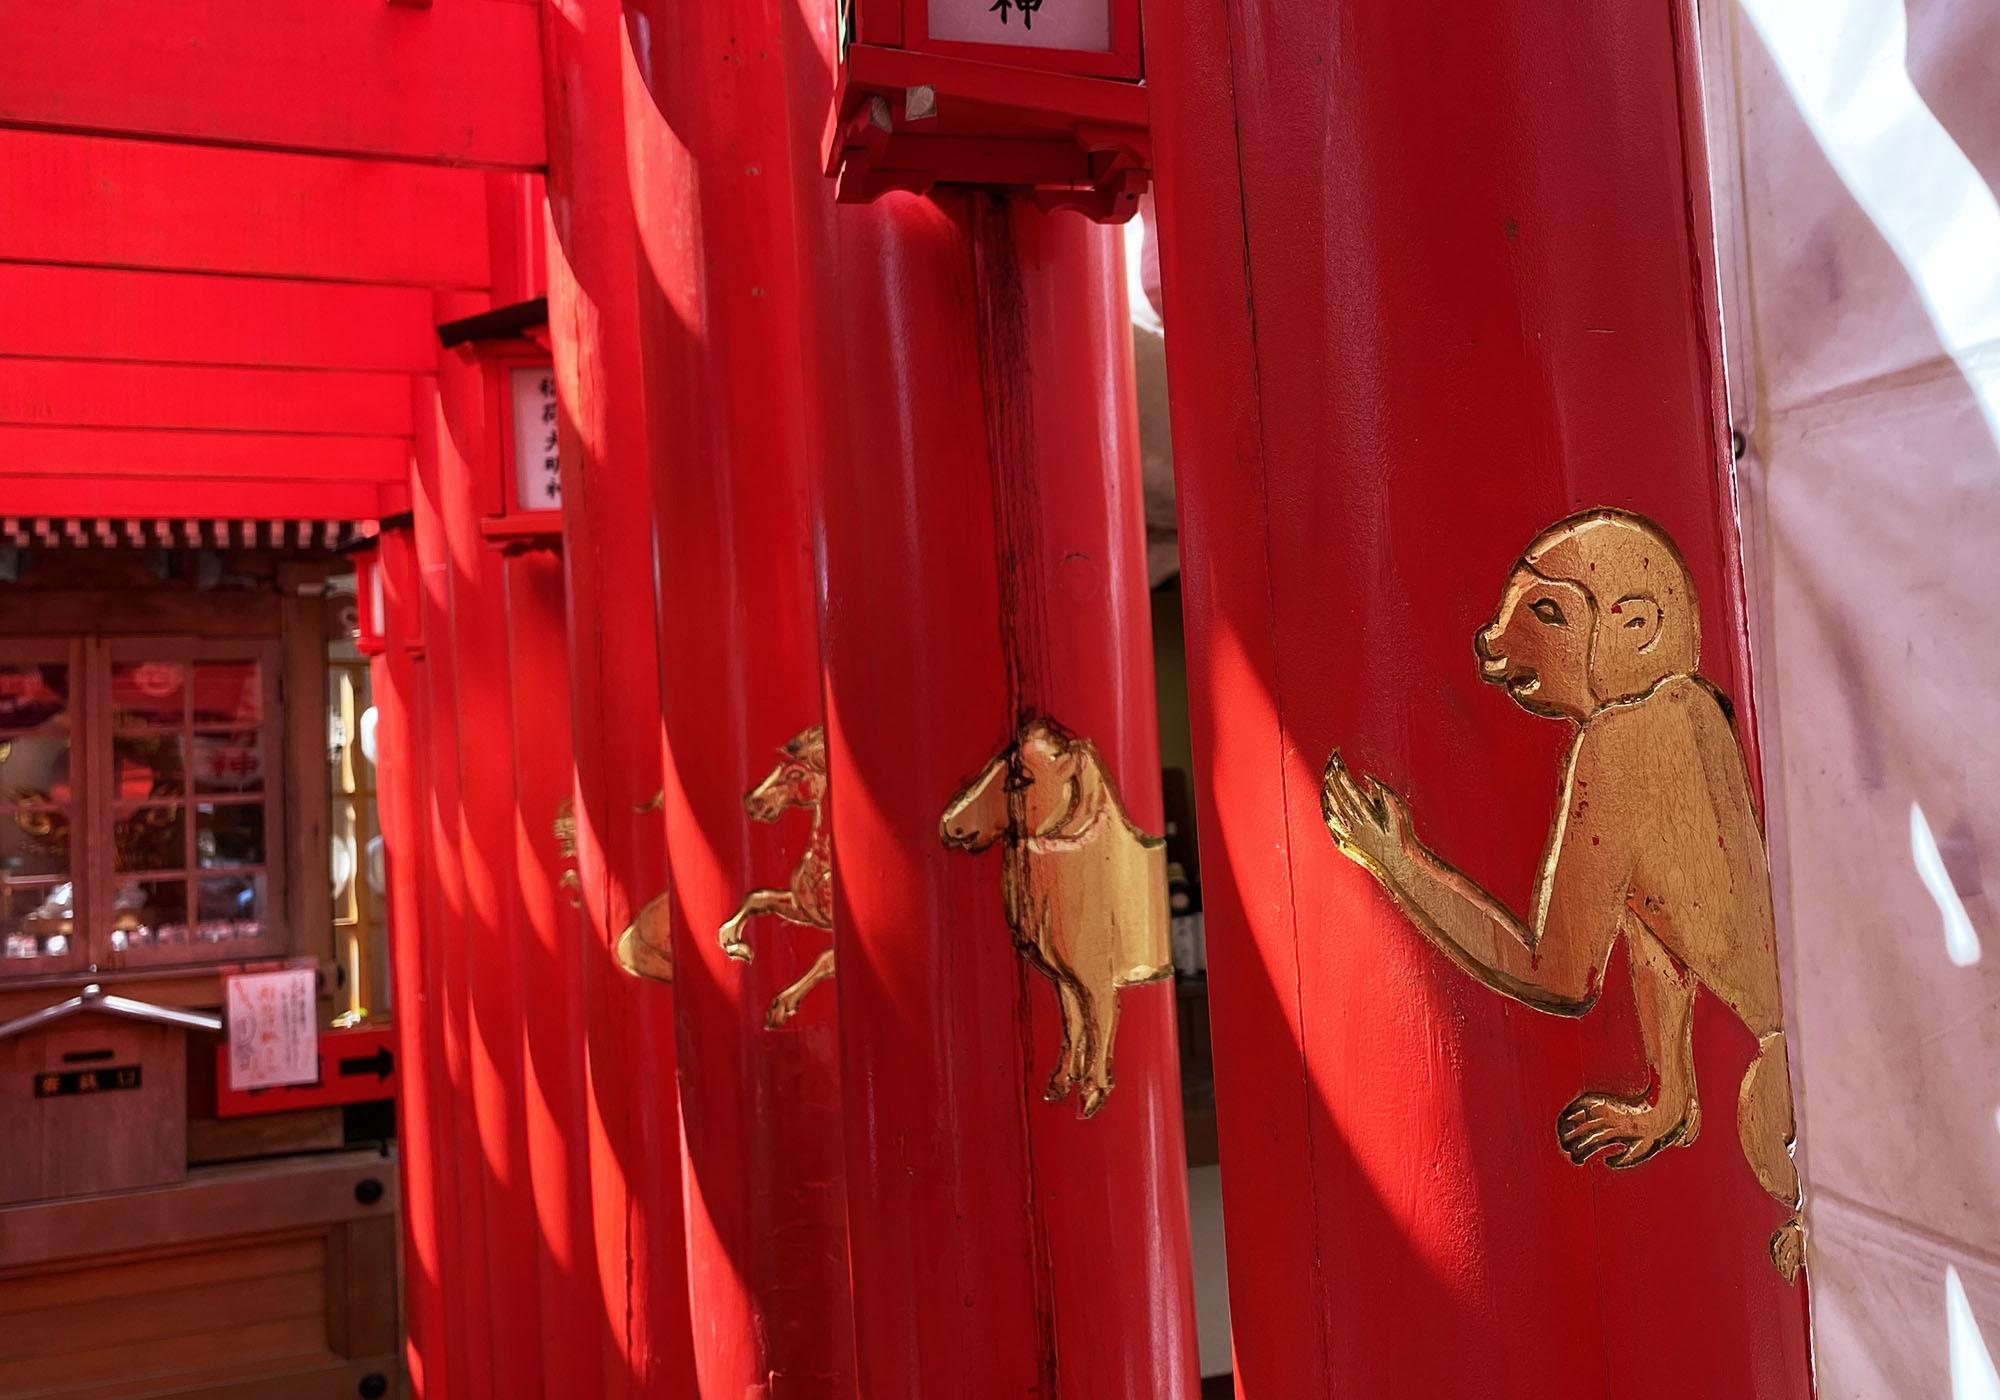 古くから残る首里の風習「首里十二カ所巡り」(テラマーイ)をしてみた。|那覇市首里|発見!まちまーい